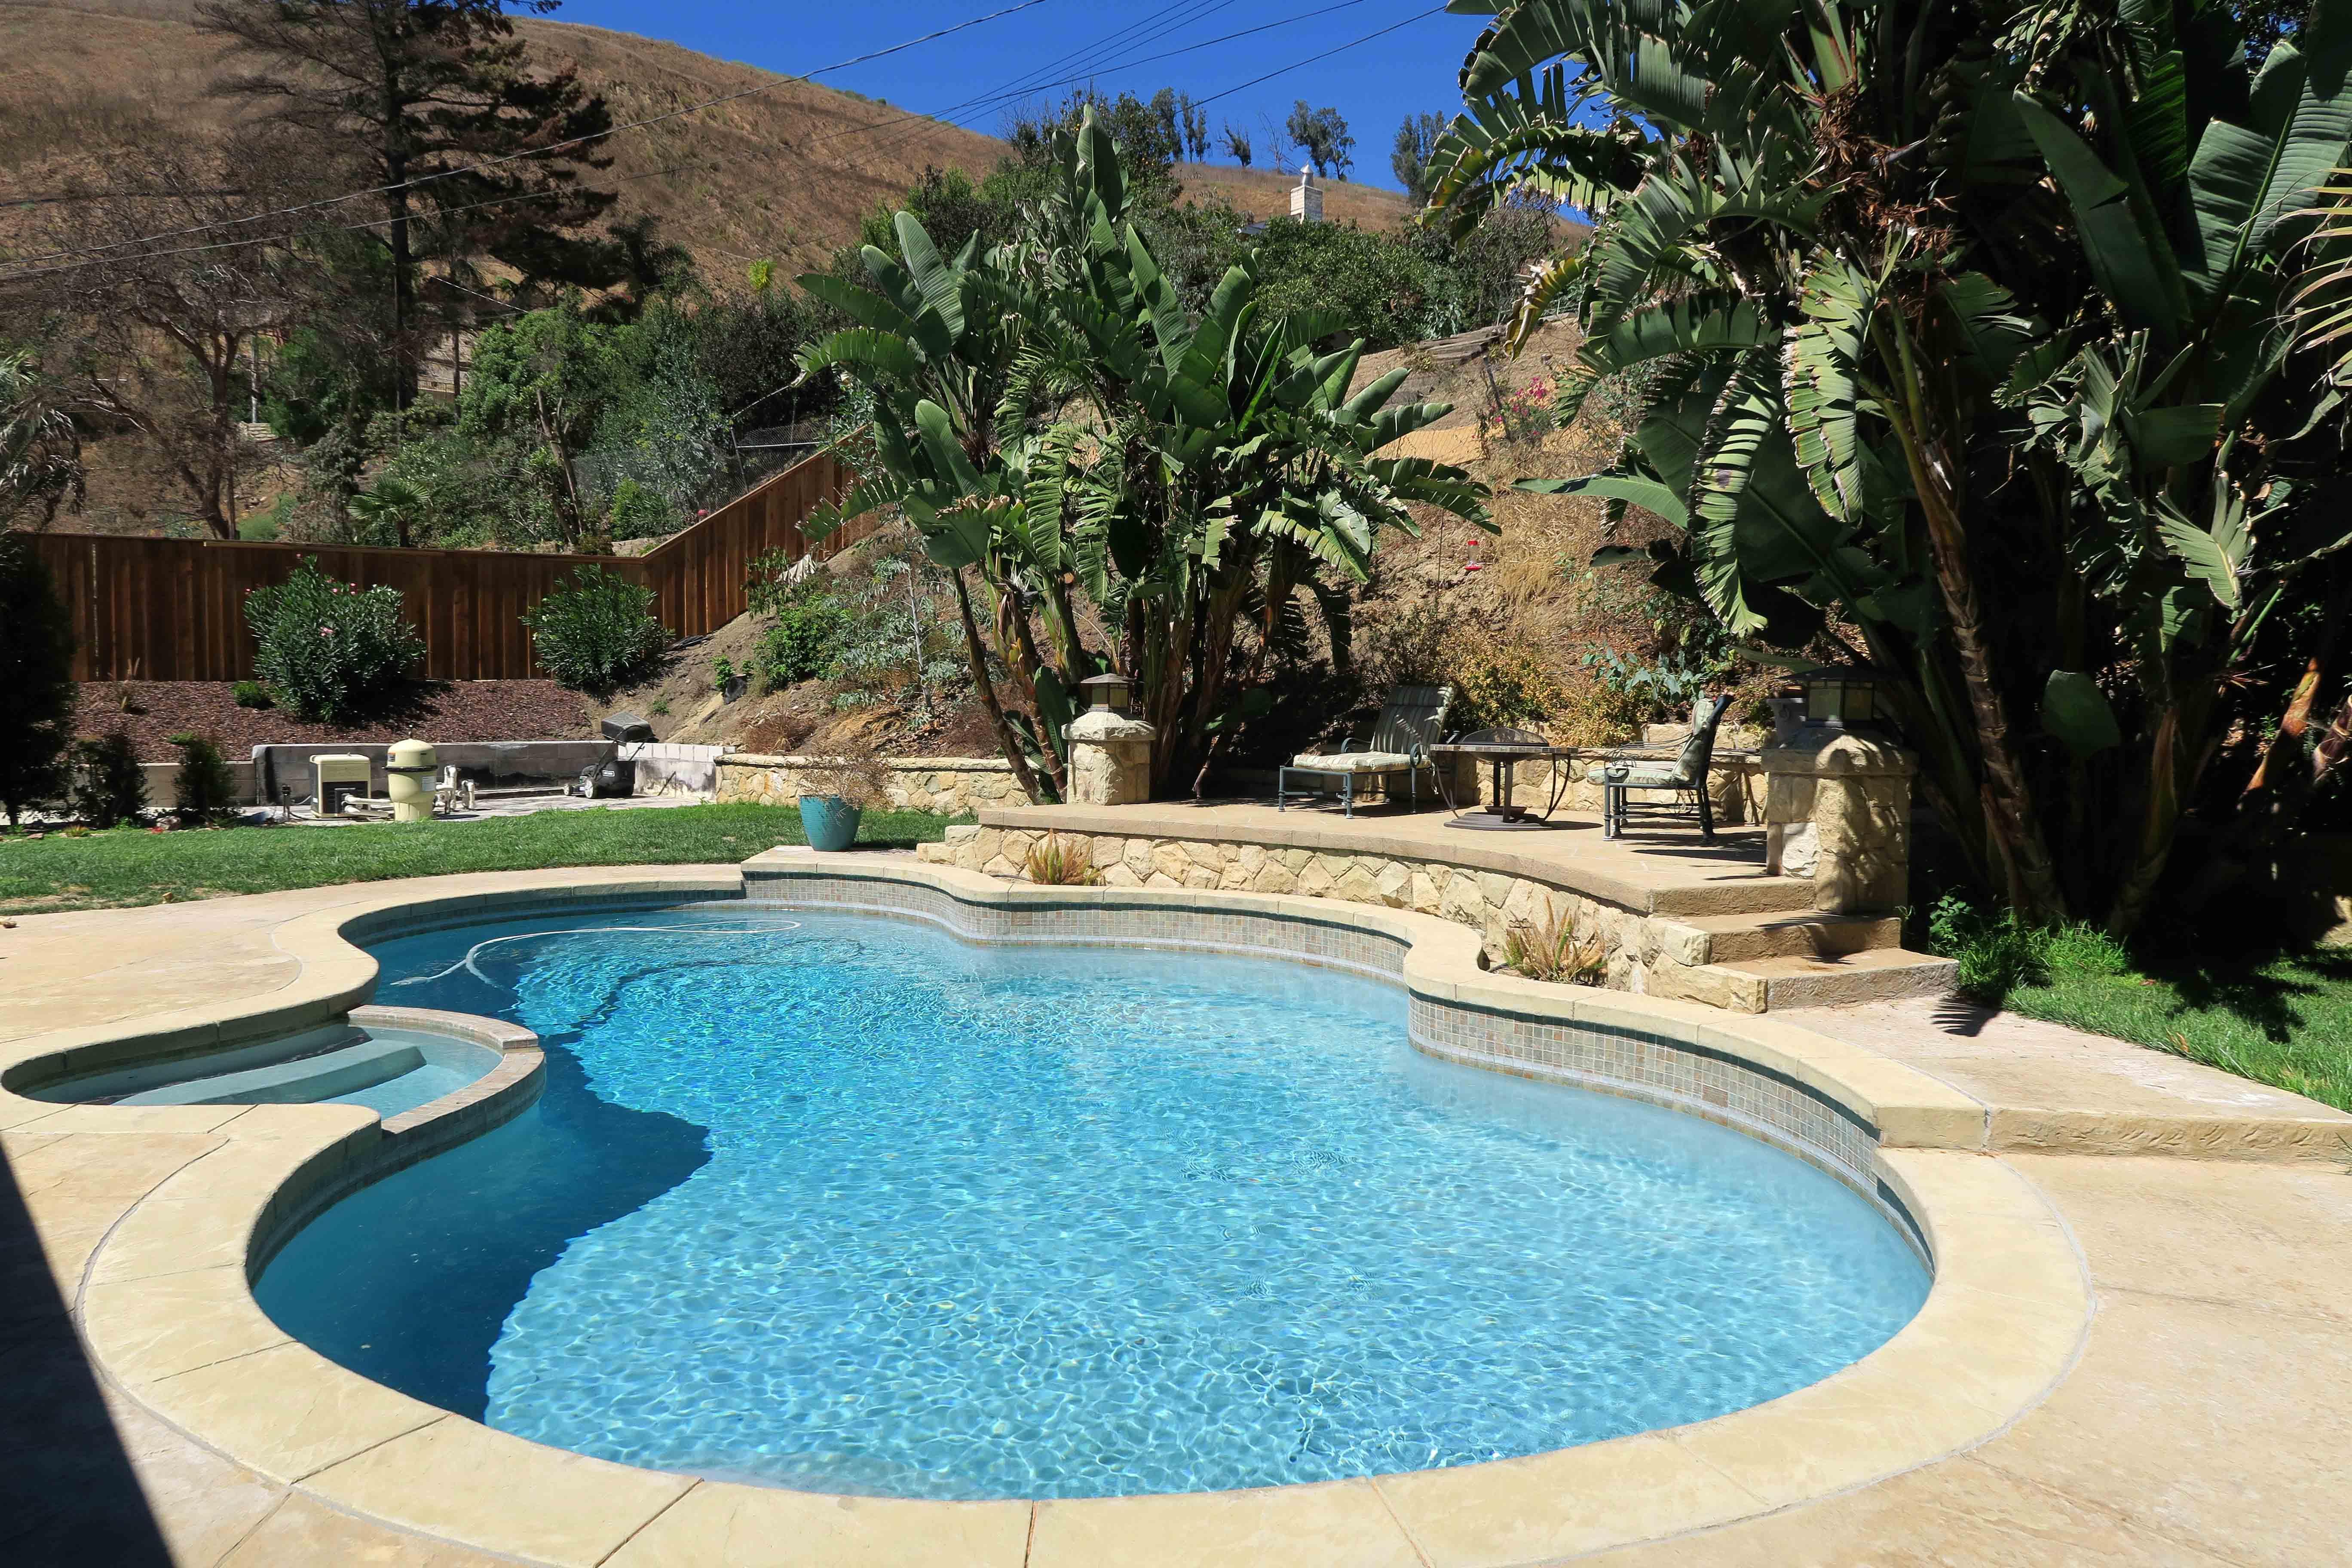 Gorgeous pool/backyard